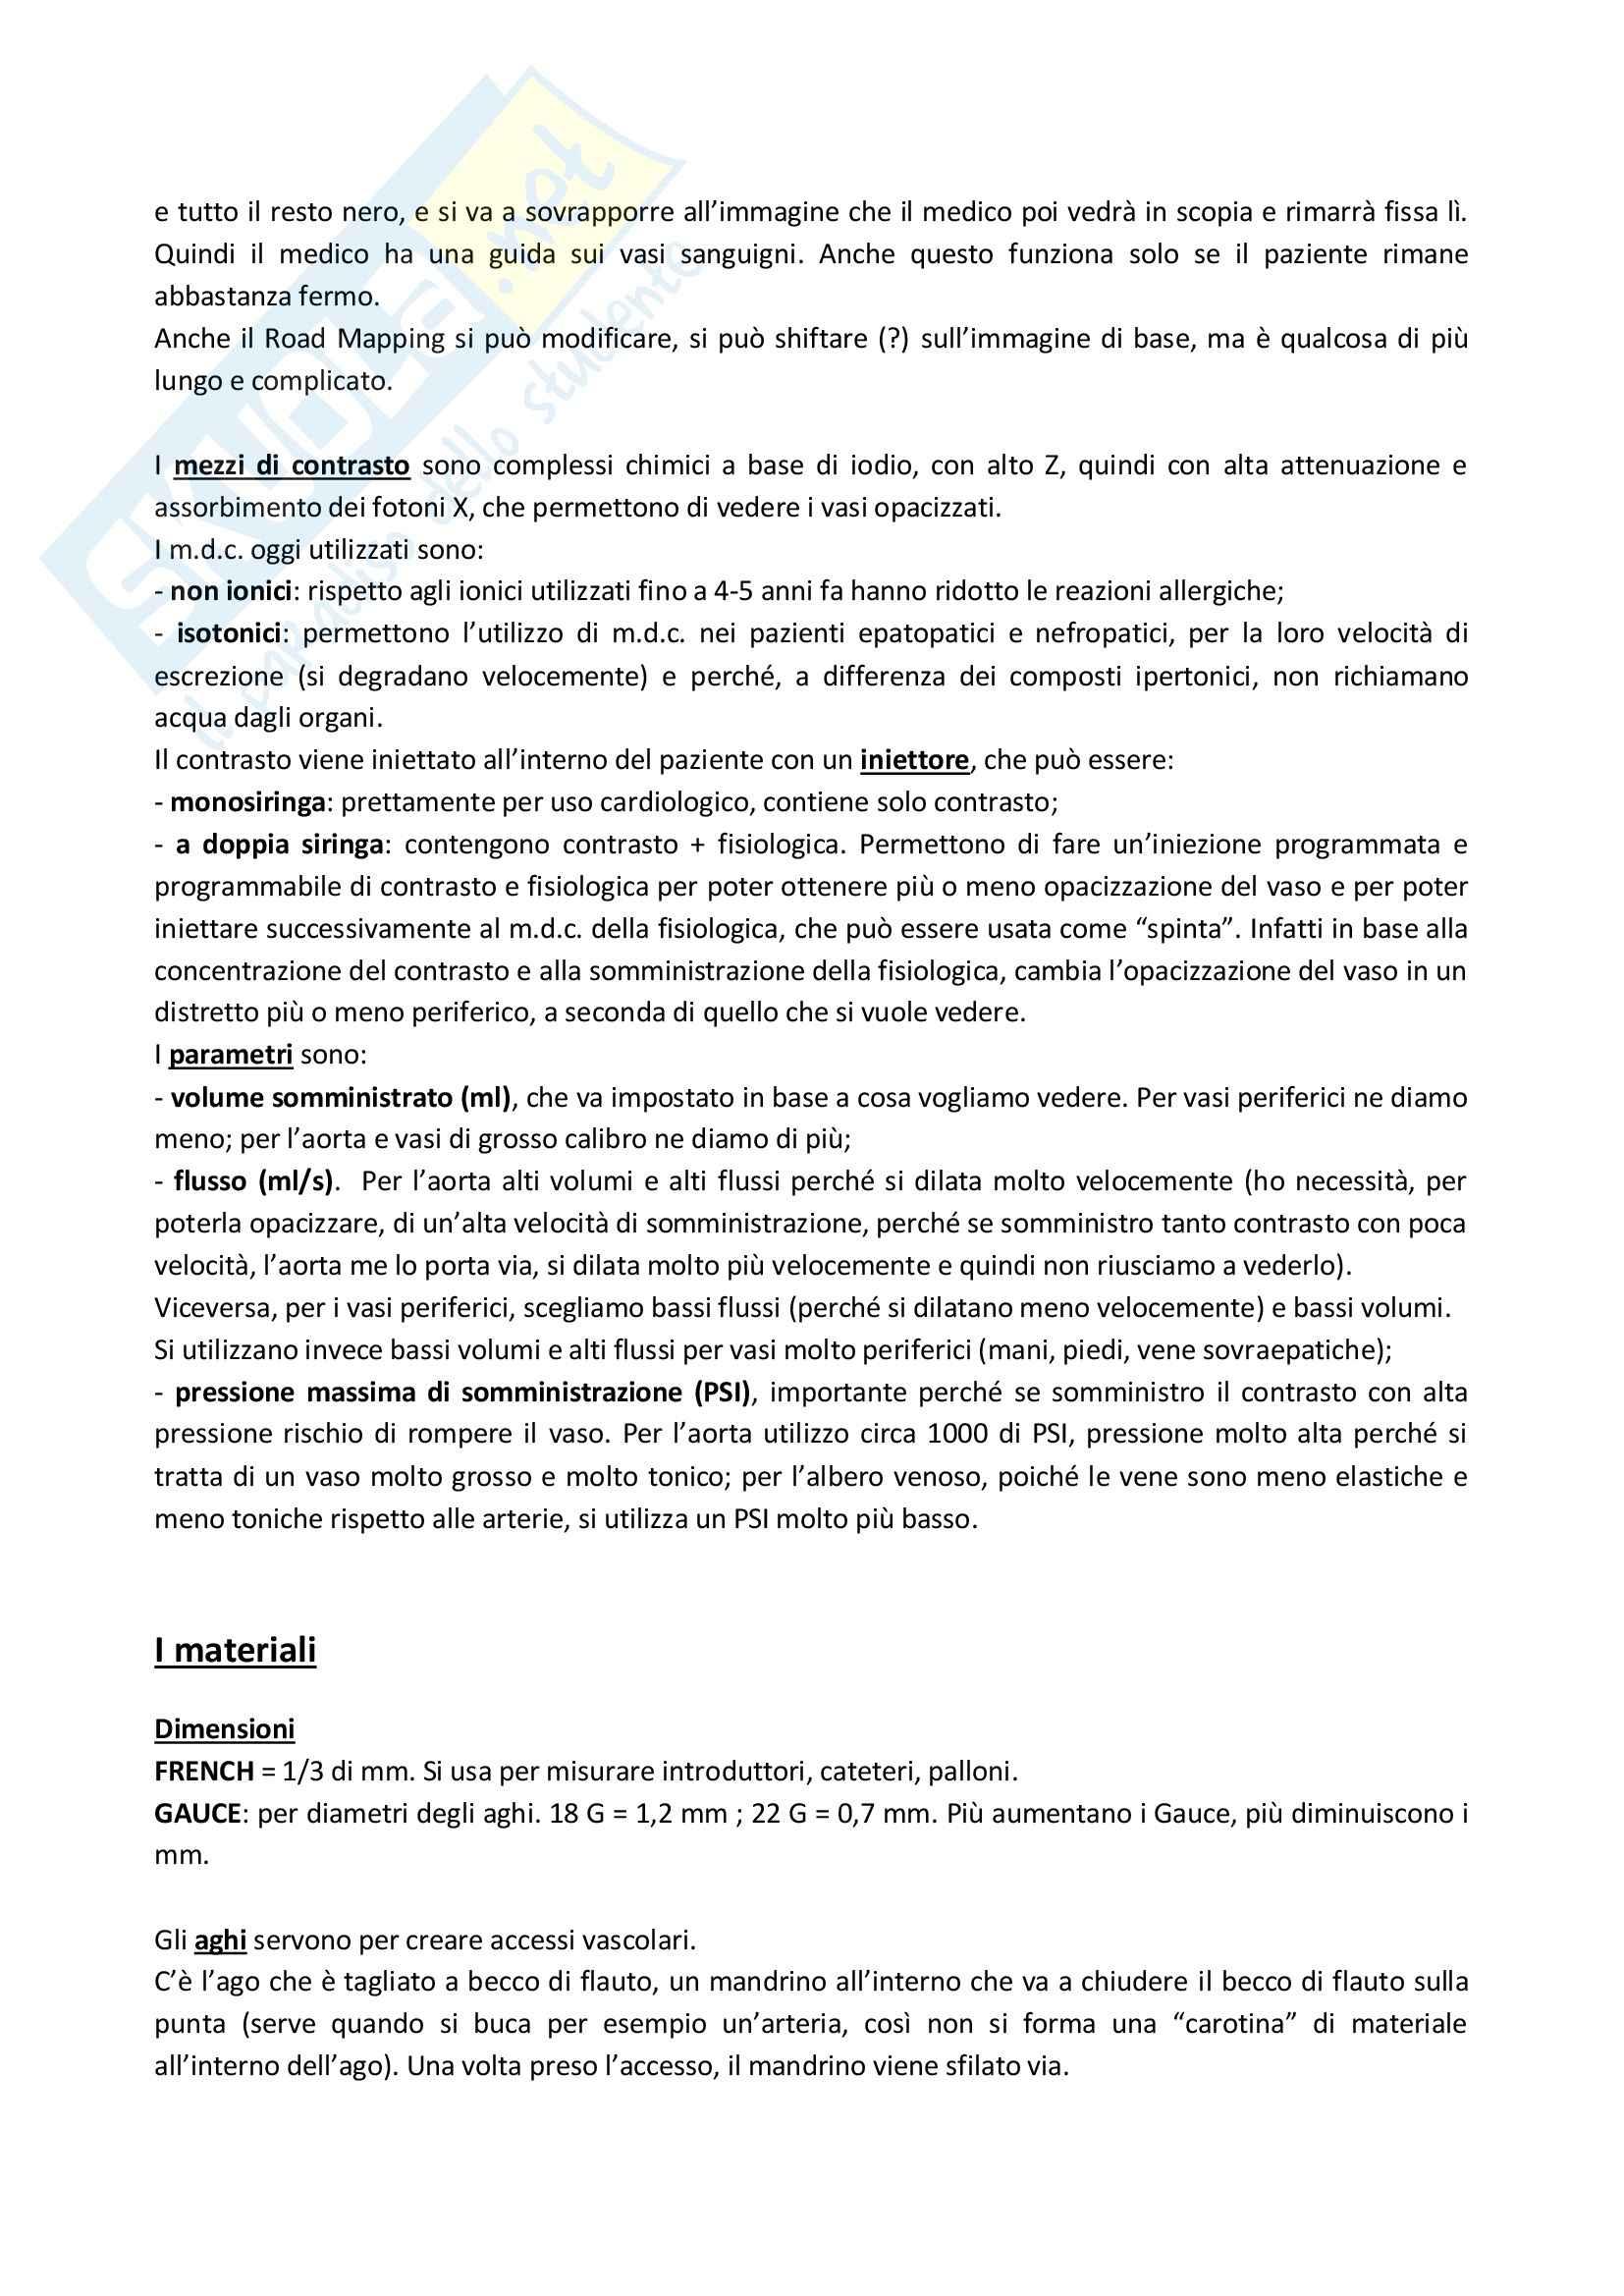 Radiologia Interventistica - Appunti Pag. 2